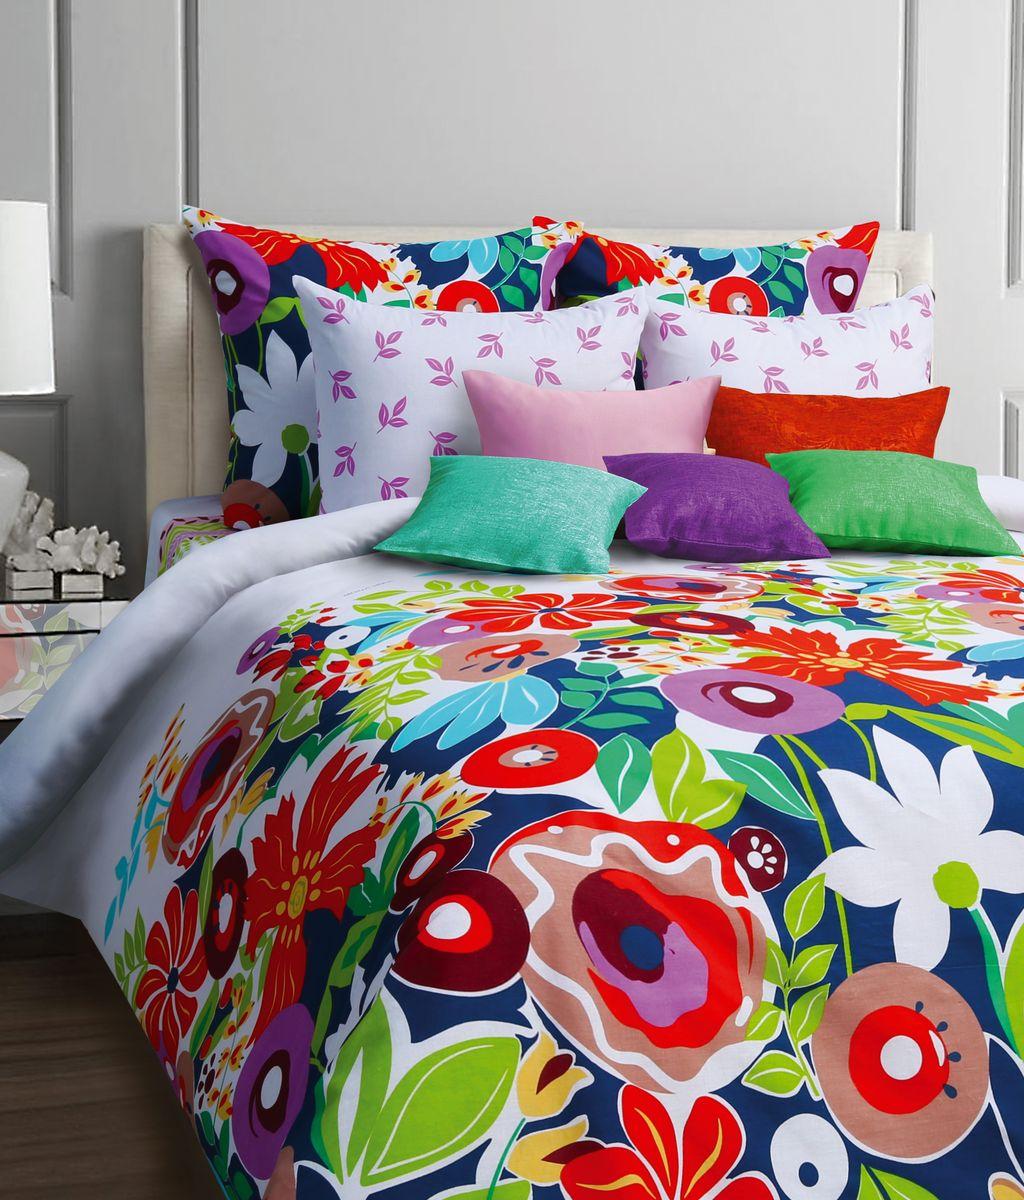 Комплект белья Mona Liza Pampiny, евро, наволочки 50x70, цвет: бордовый552110/28Коллекция постельного белья MONA LIZA Classic поражает многообразием дизайнов. Среди них легко подобрать необходимый рисунок, который создаст в доме уют. Комплекты выполнены из бязи 100 % хлопка.